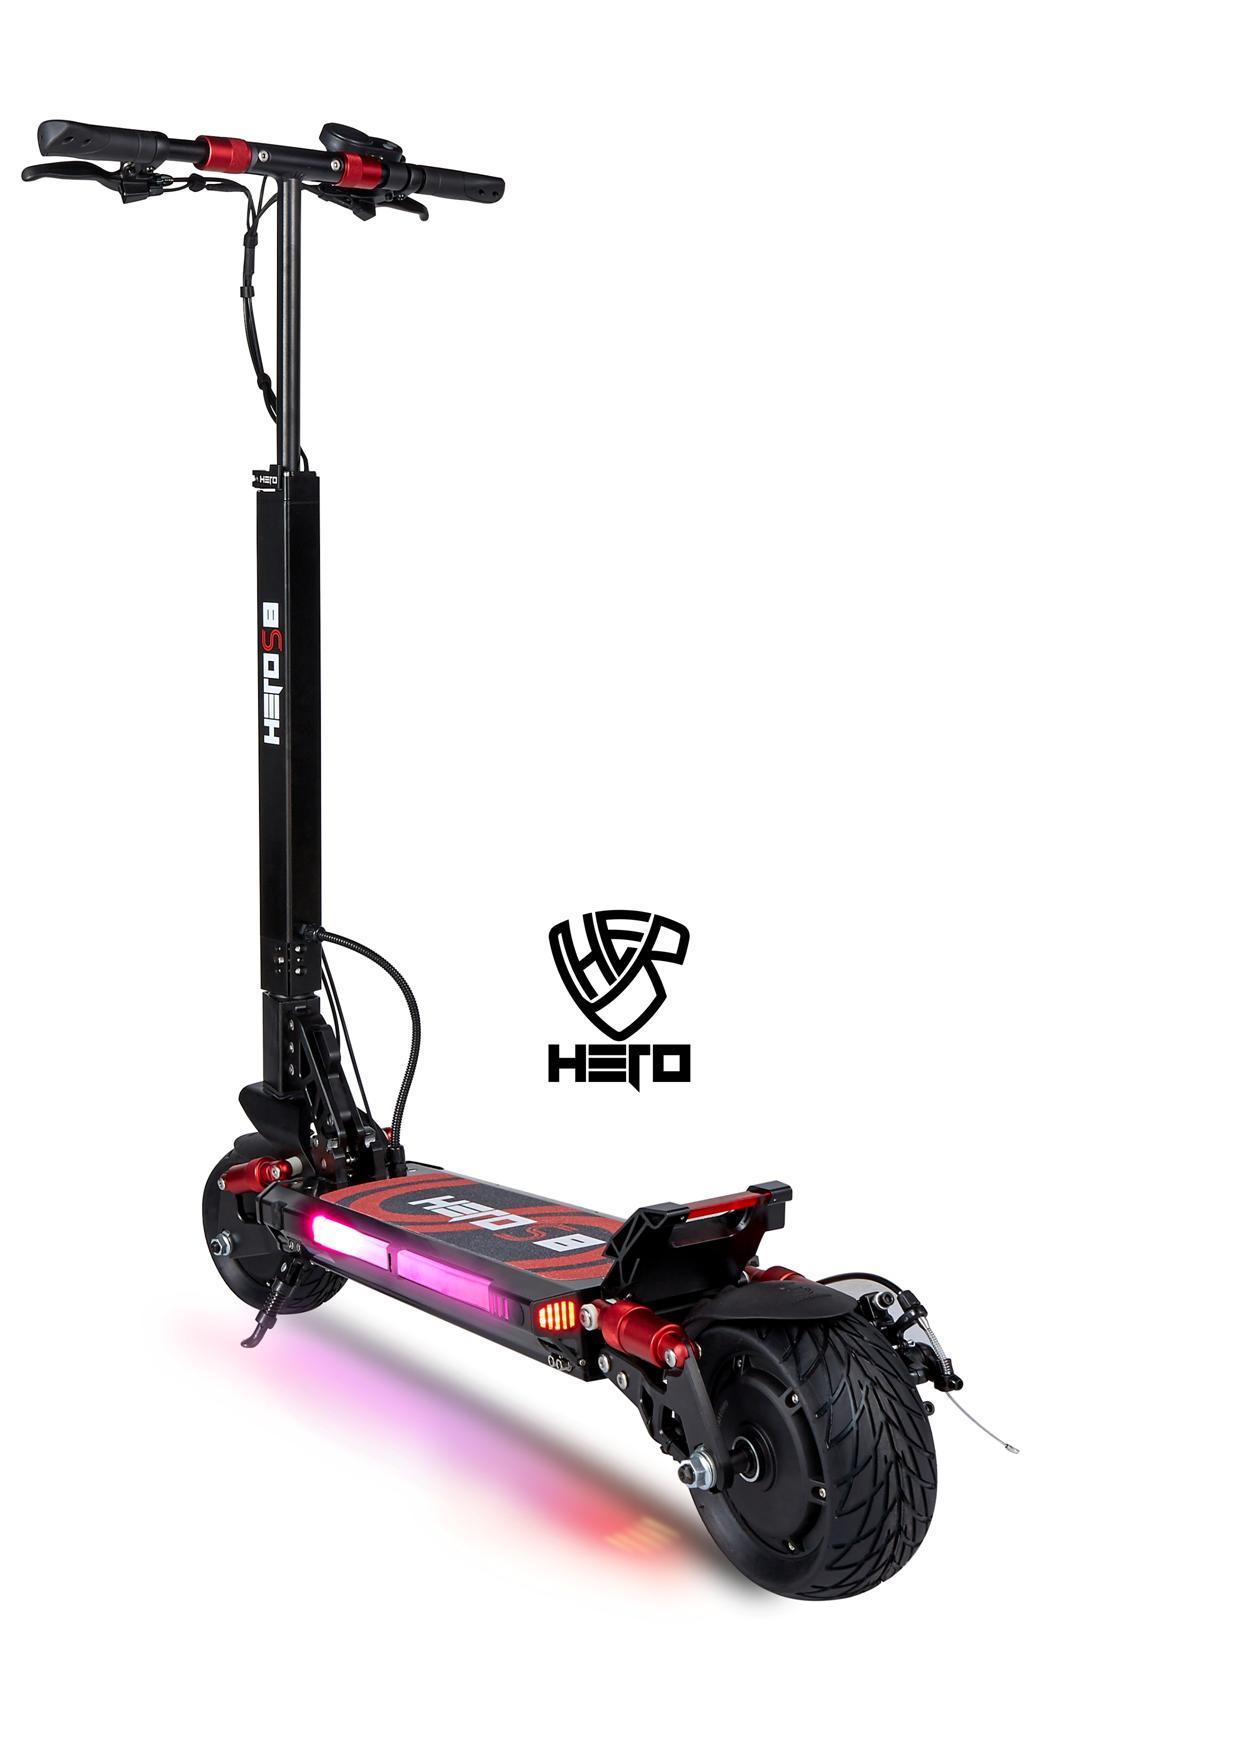 HERO S8